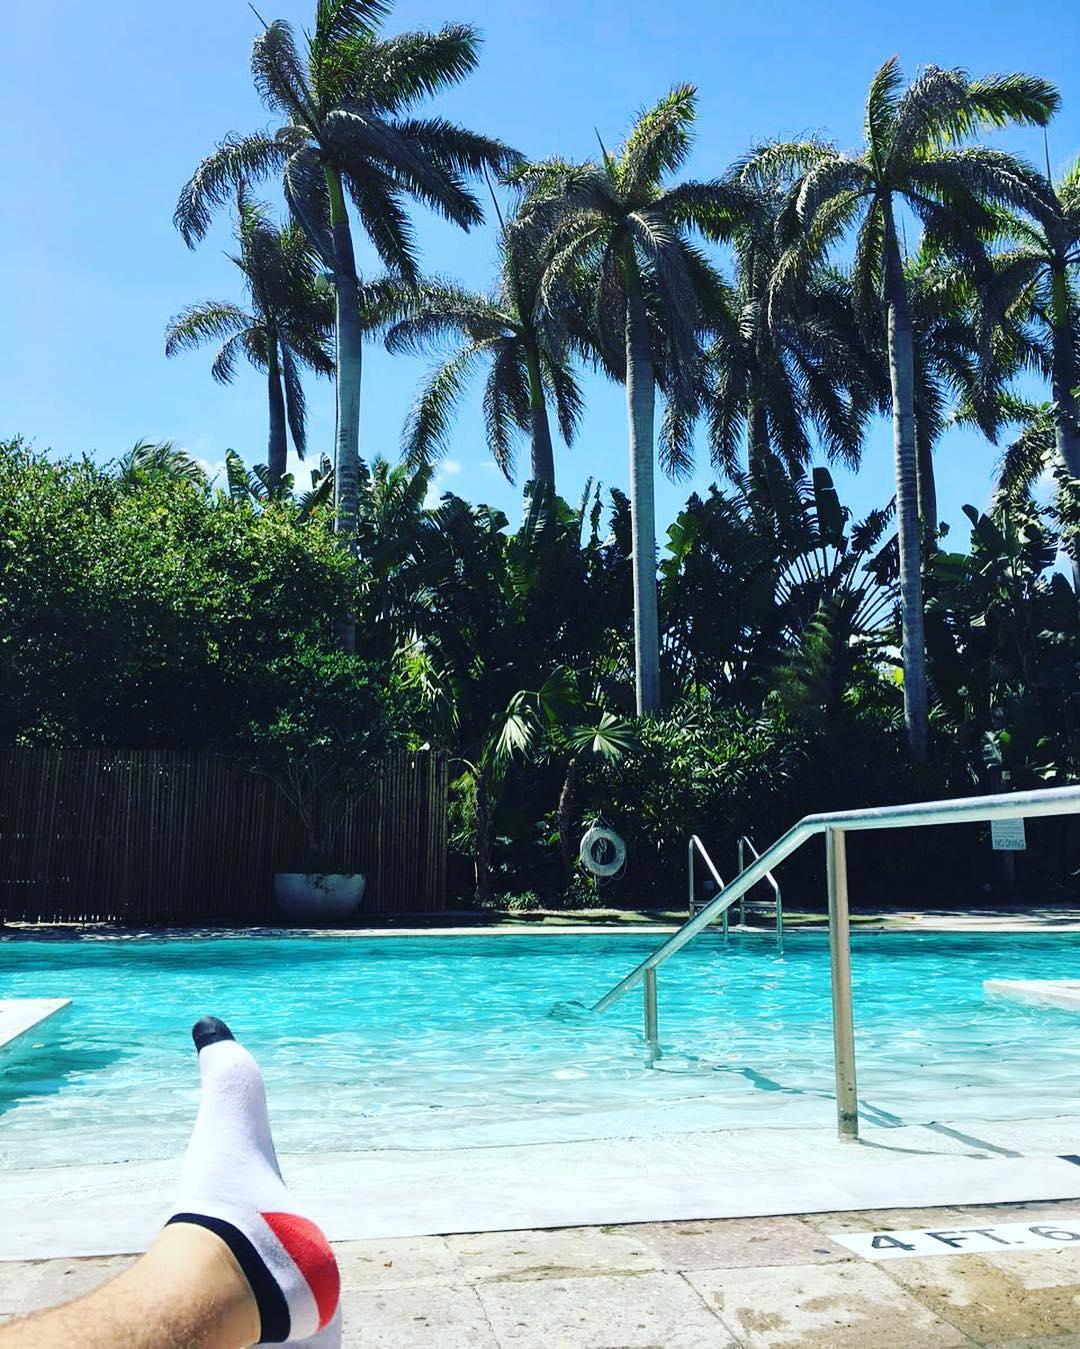 #MediasConOnda en #Miami #TravelWithStyle #LifeSztyle #UsáSuarez